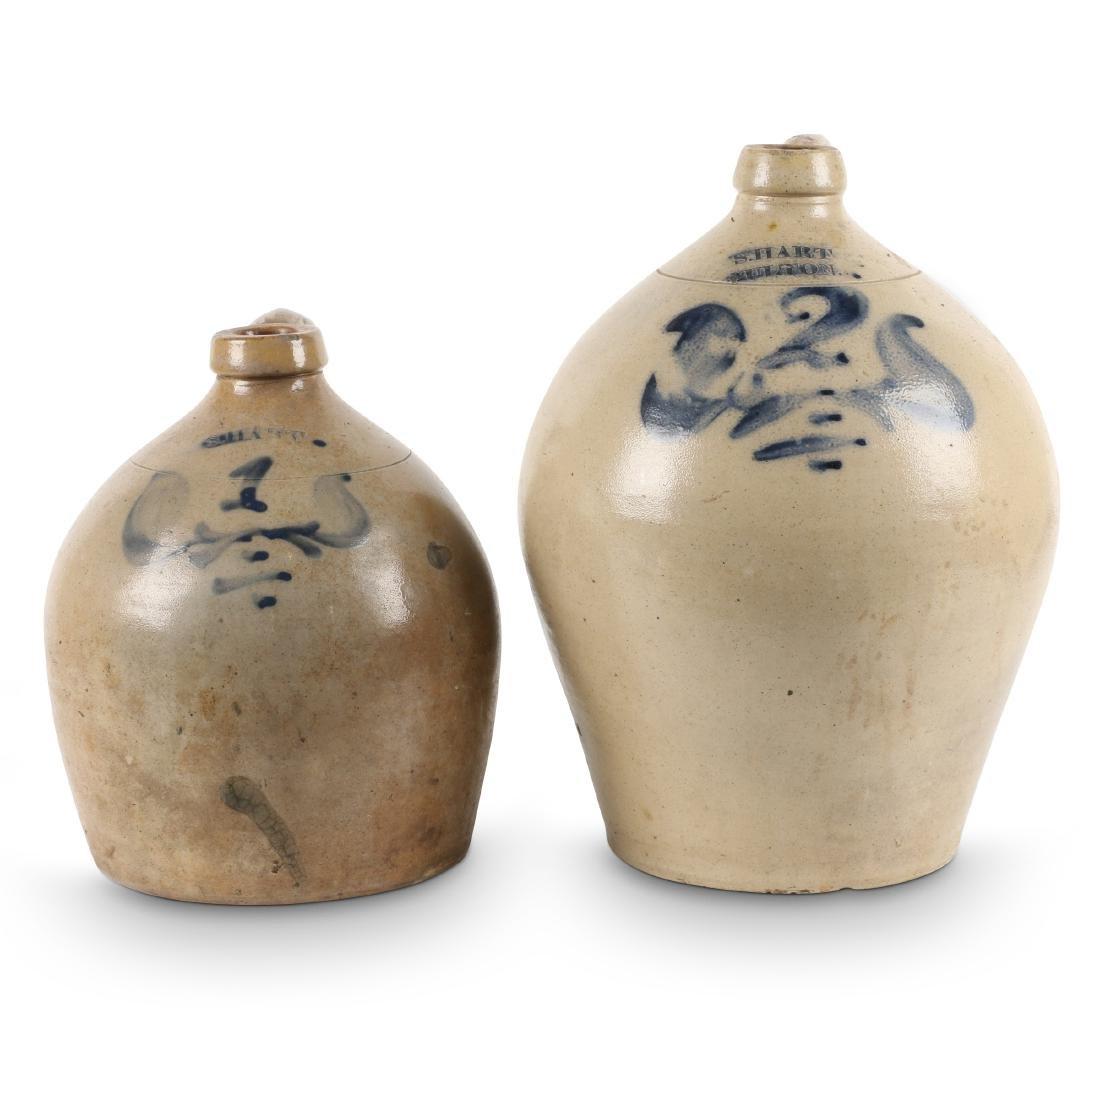 S. Hart Stoneware Jugs